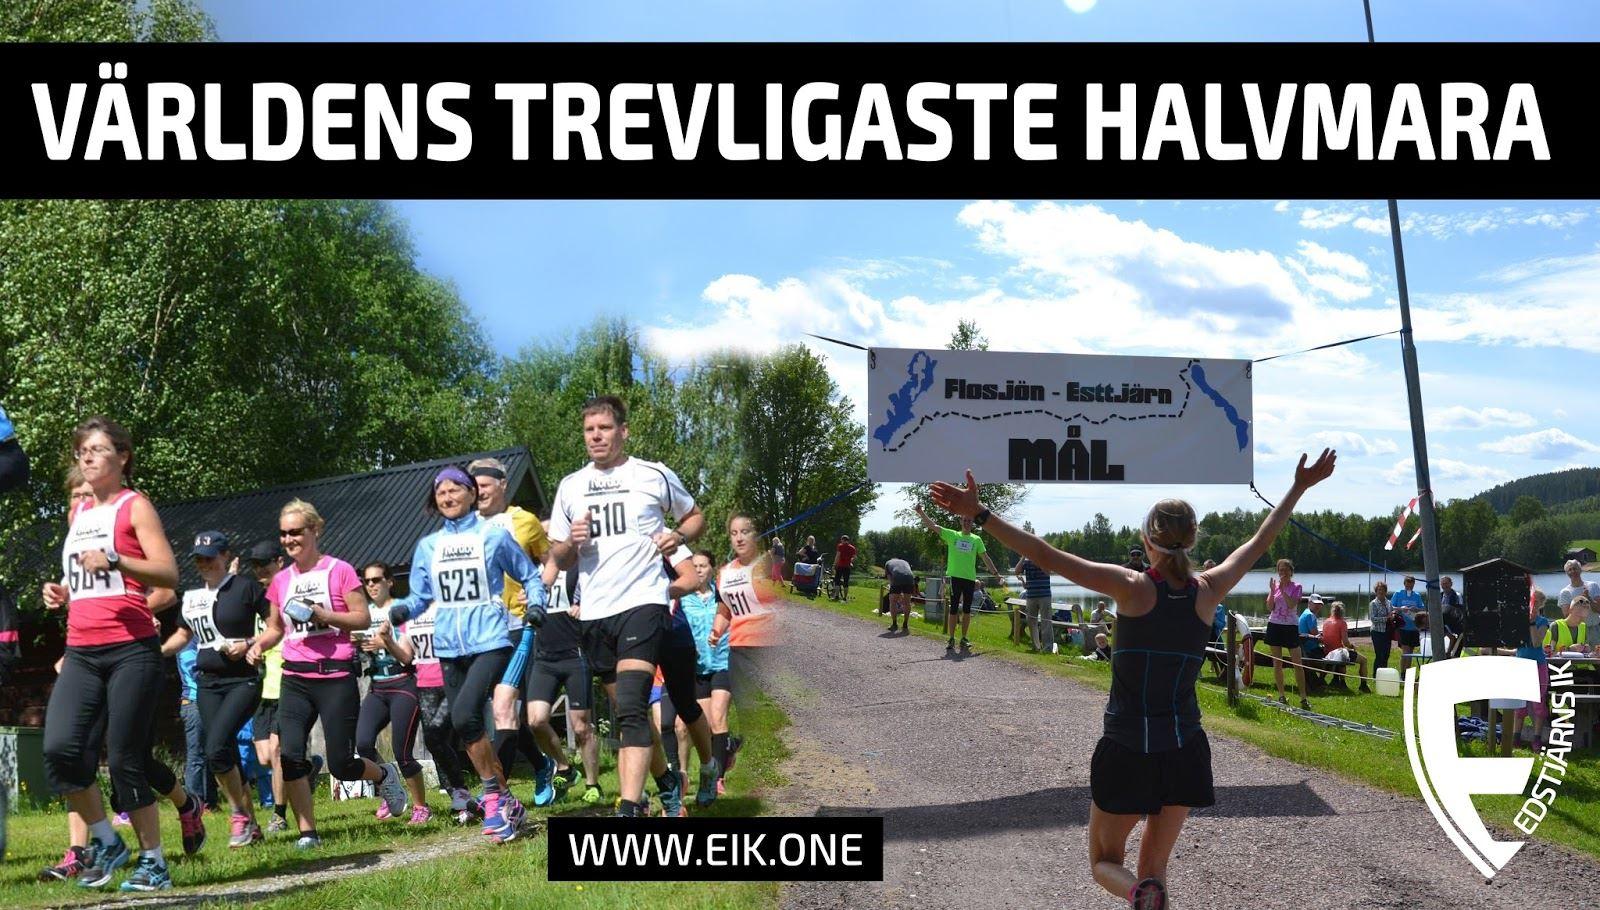 Half marathon Flosjön - Edstjärn 21 kilometers